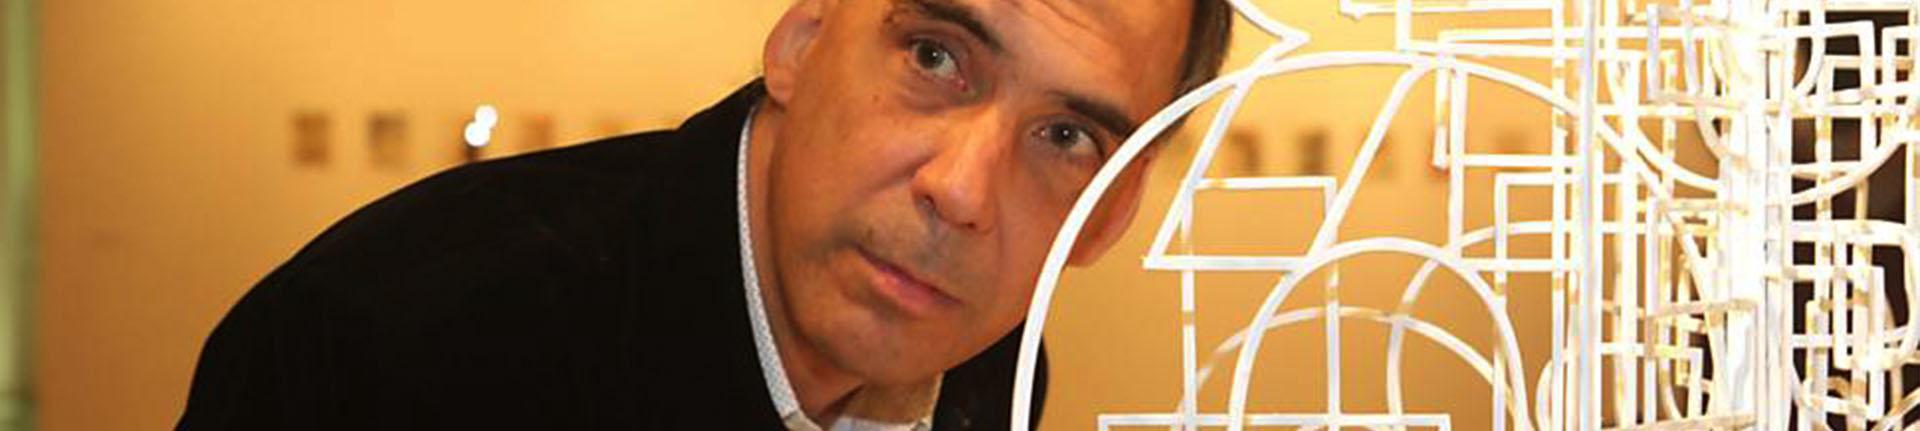 Arnaldo Antunes: show e exposição em Fortaleza